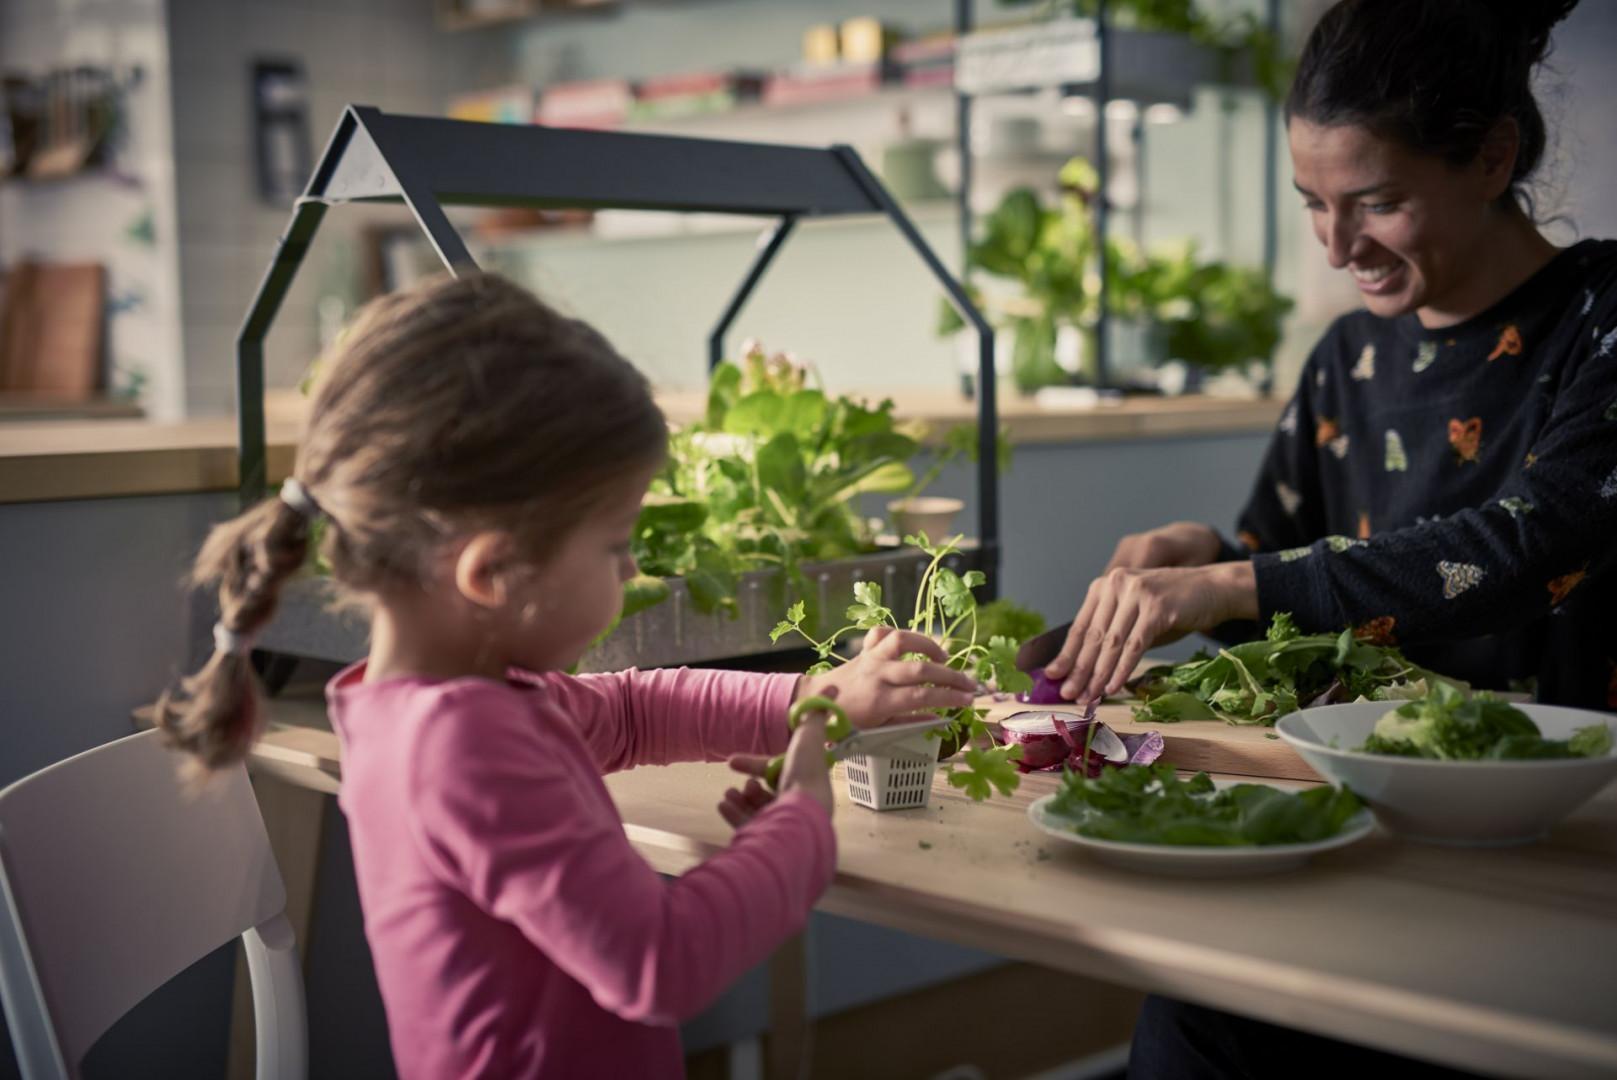 """W ramach strategii zrównoważonego rozwoju """"People & Planet Positive"""" IKEA wycofa m.in. plastikowe produkty jednorazowego użytku ze swoich sklepów i restauracji. Fot. serwis prasowy IKEA"""